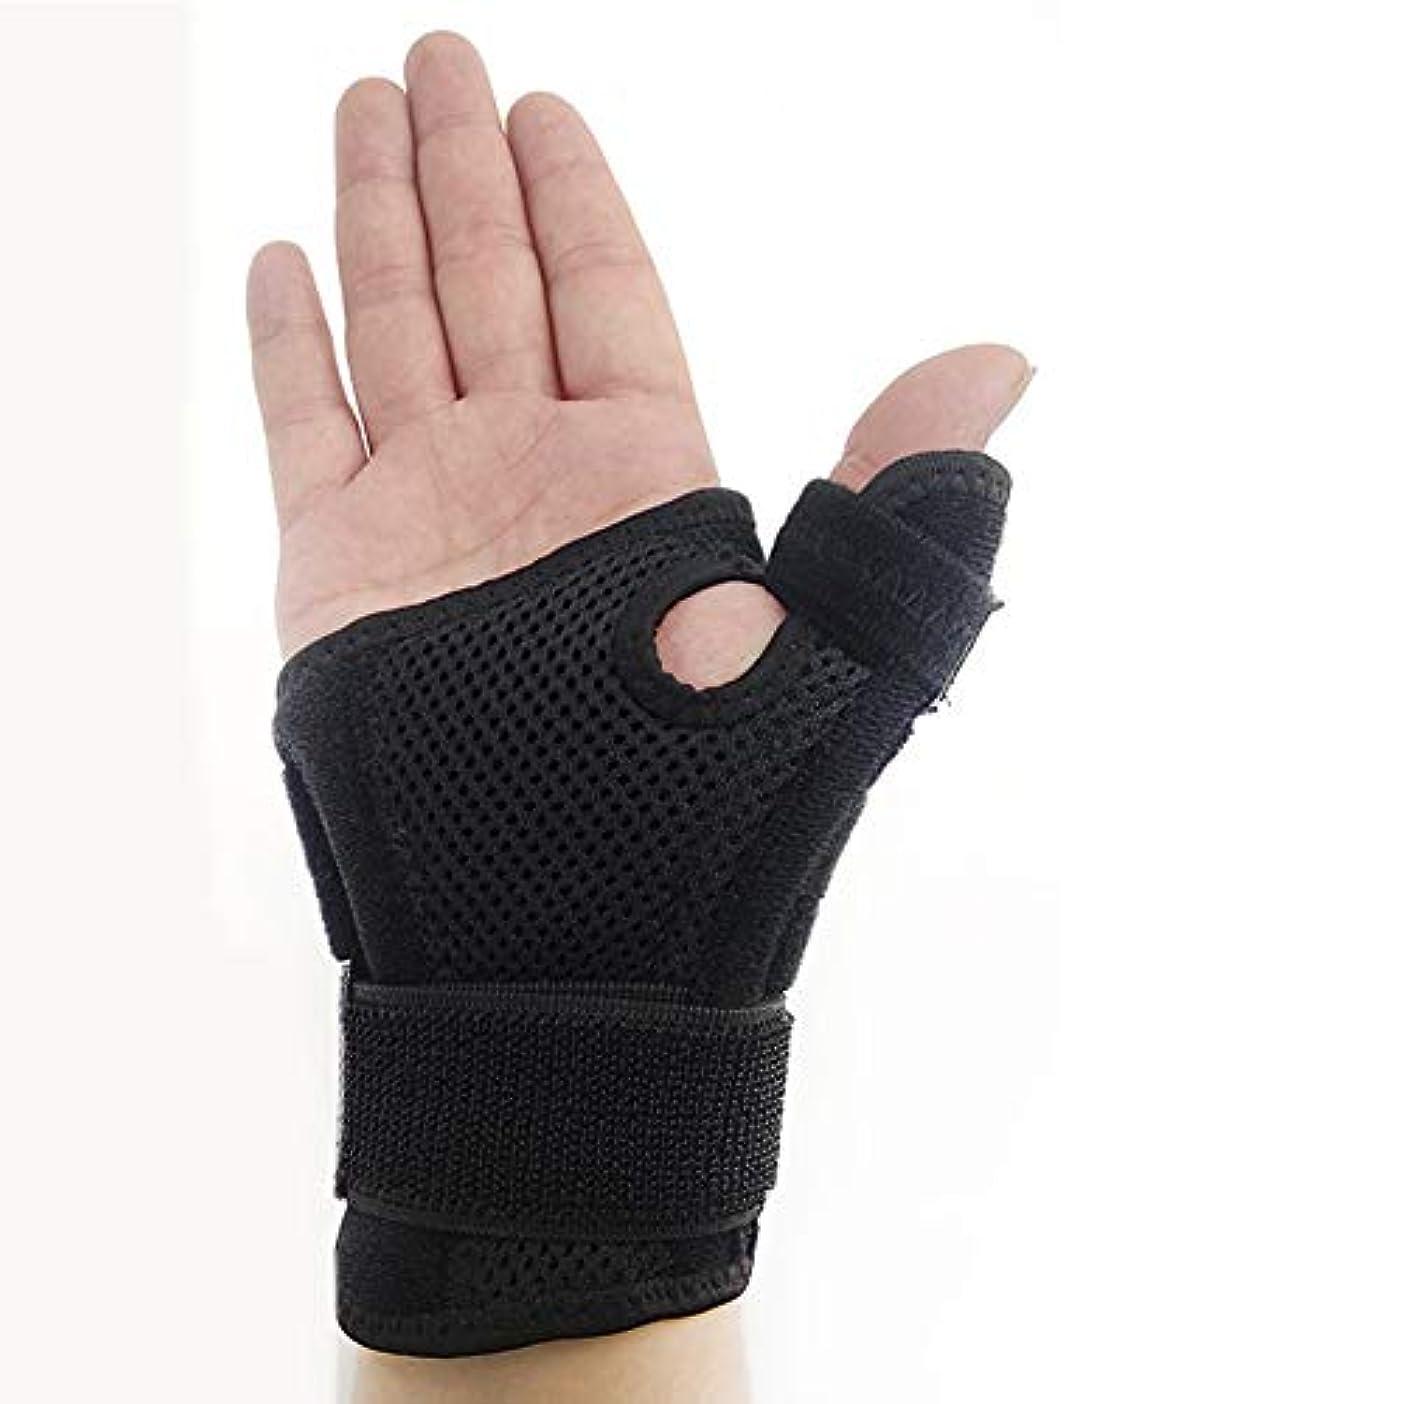 ニュース登録独創的右と左の手黒のヘルスケアのための親指の保護ブレースサポートスプリントの親指の共同捻挫ガード